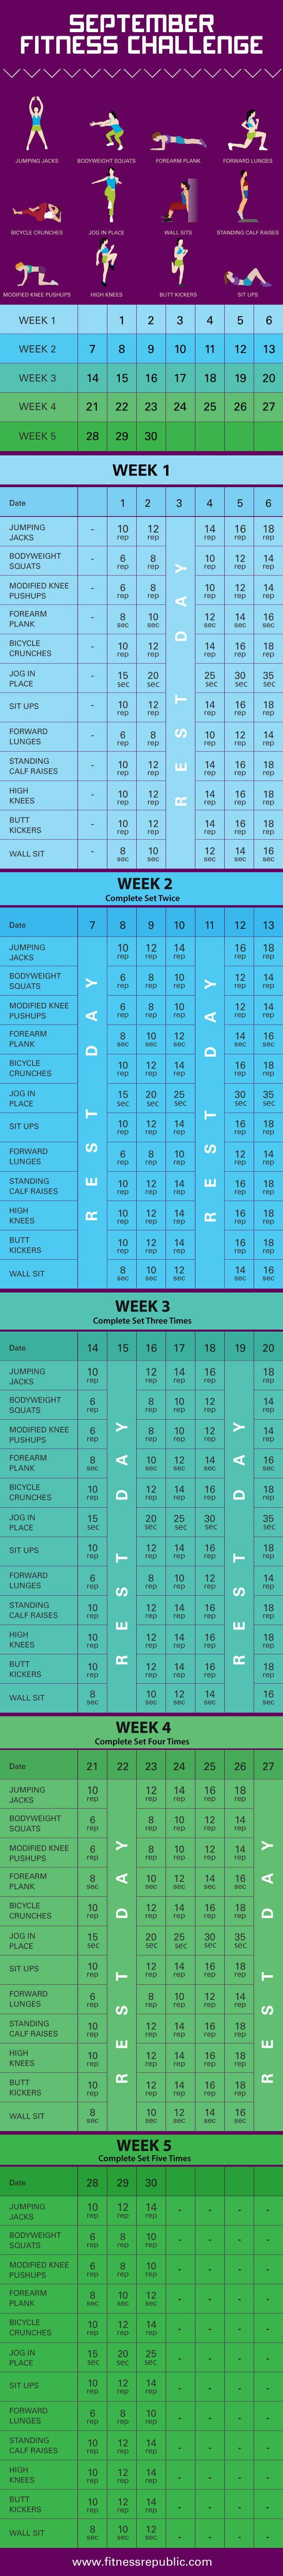 September Fitness Challenge   Fitness Republic